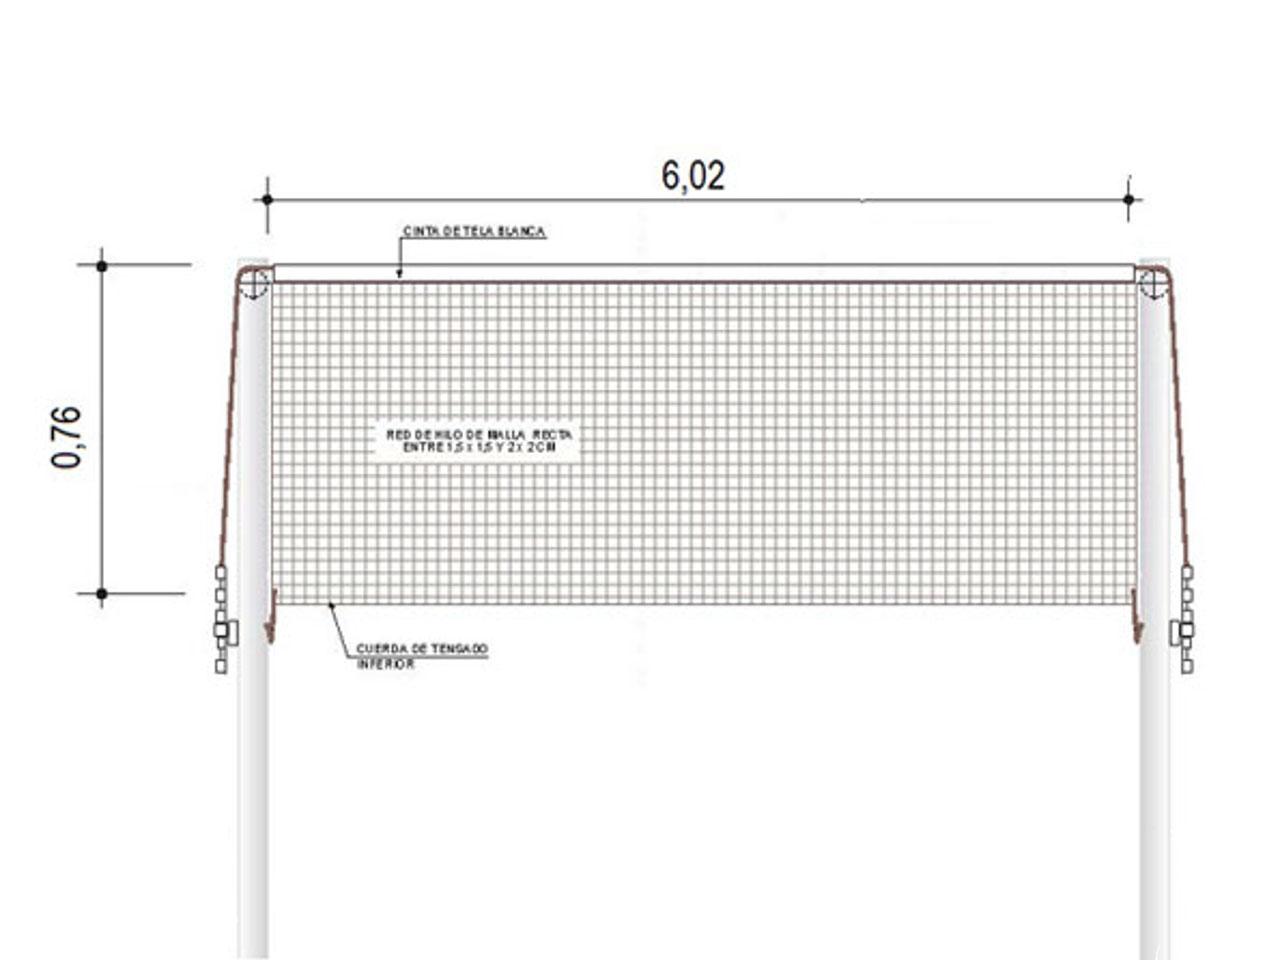 Medidas de la red y los postes de bádminton